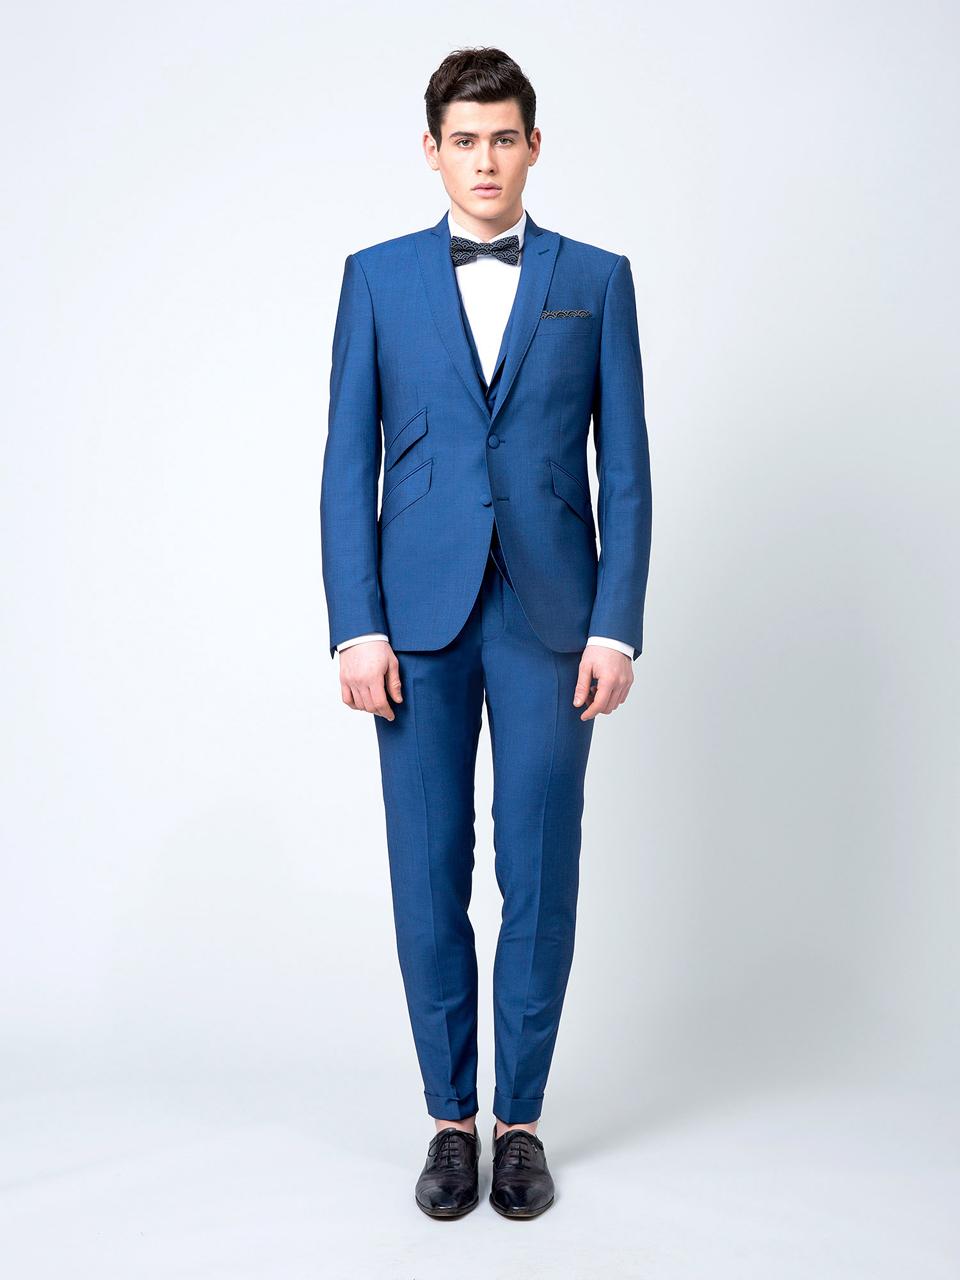 tendances pour le marié costume bleu roi samson noeud papillon 42754b57e14